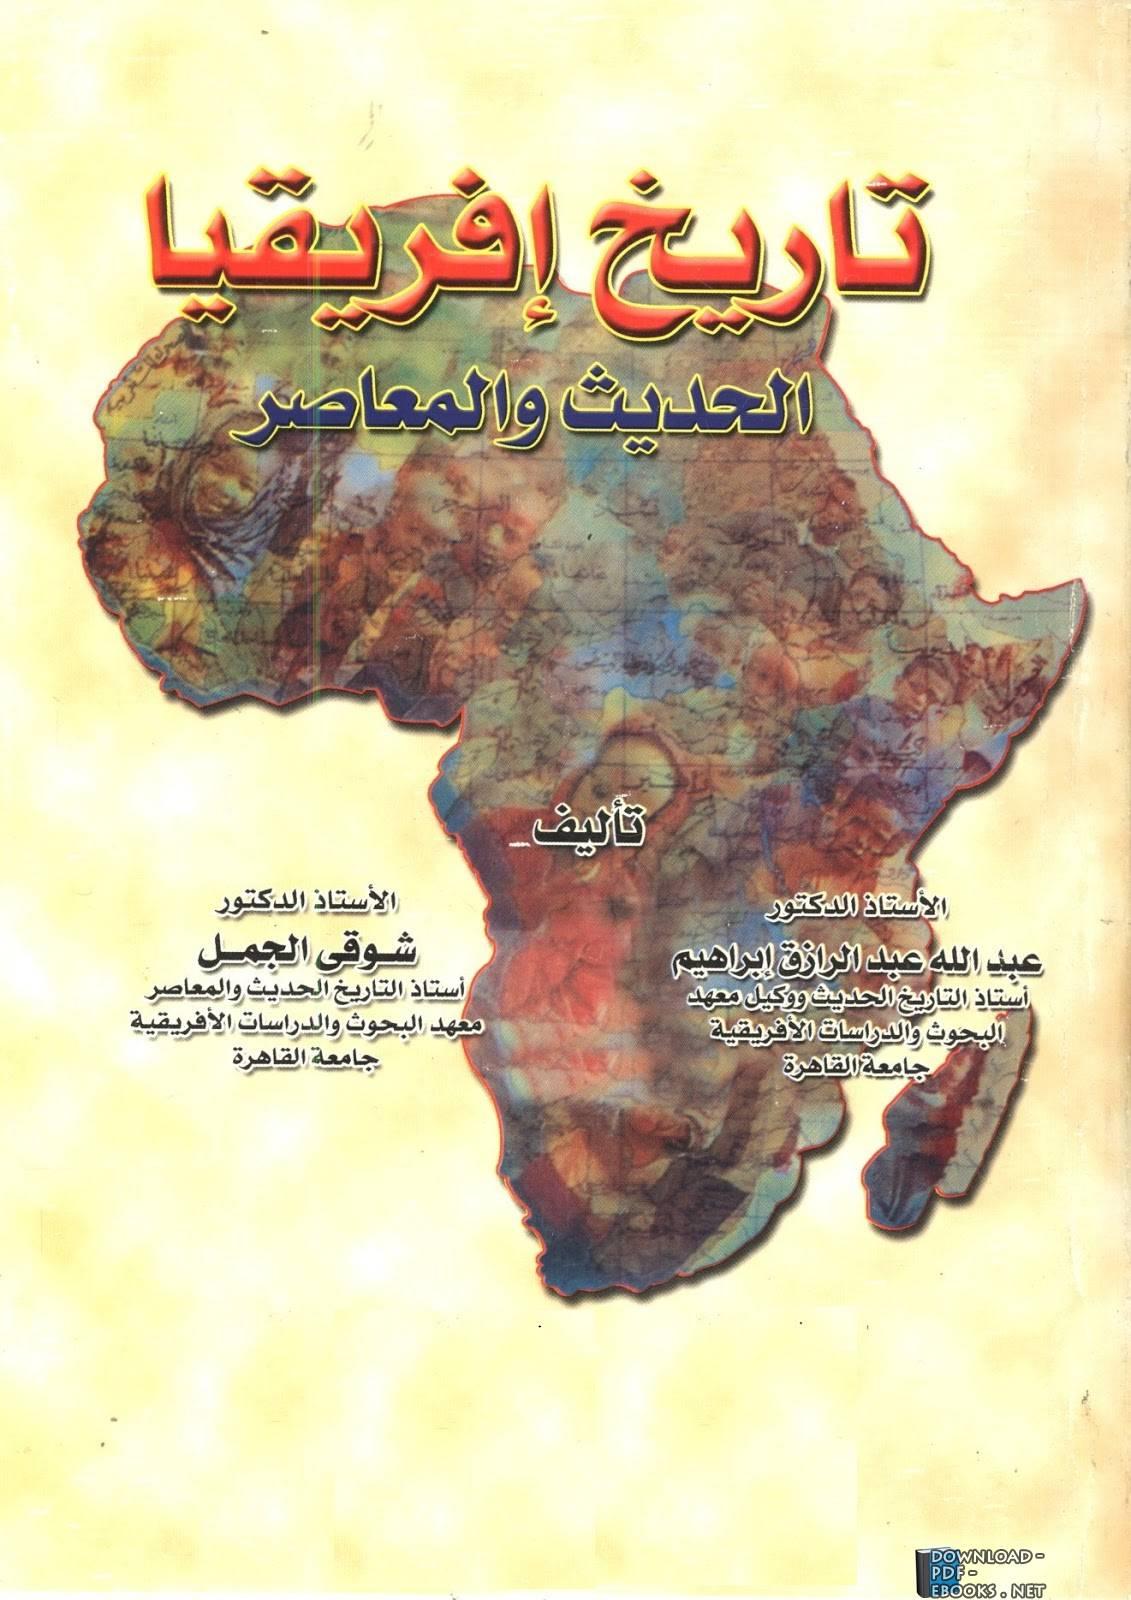 كتاب تاريخ افريقيا الحديث والمعاصر عبدالله عبد الرزاق وشوقي الجميل